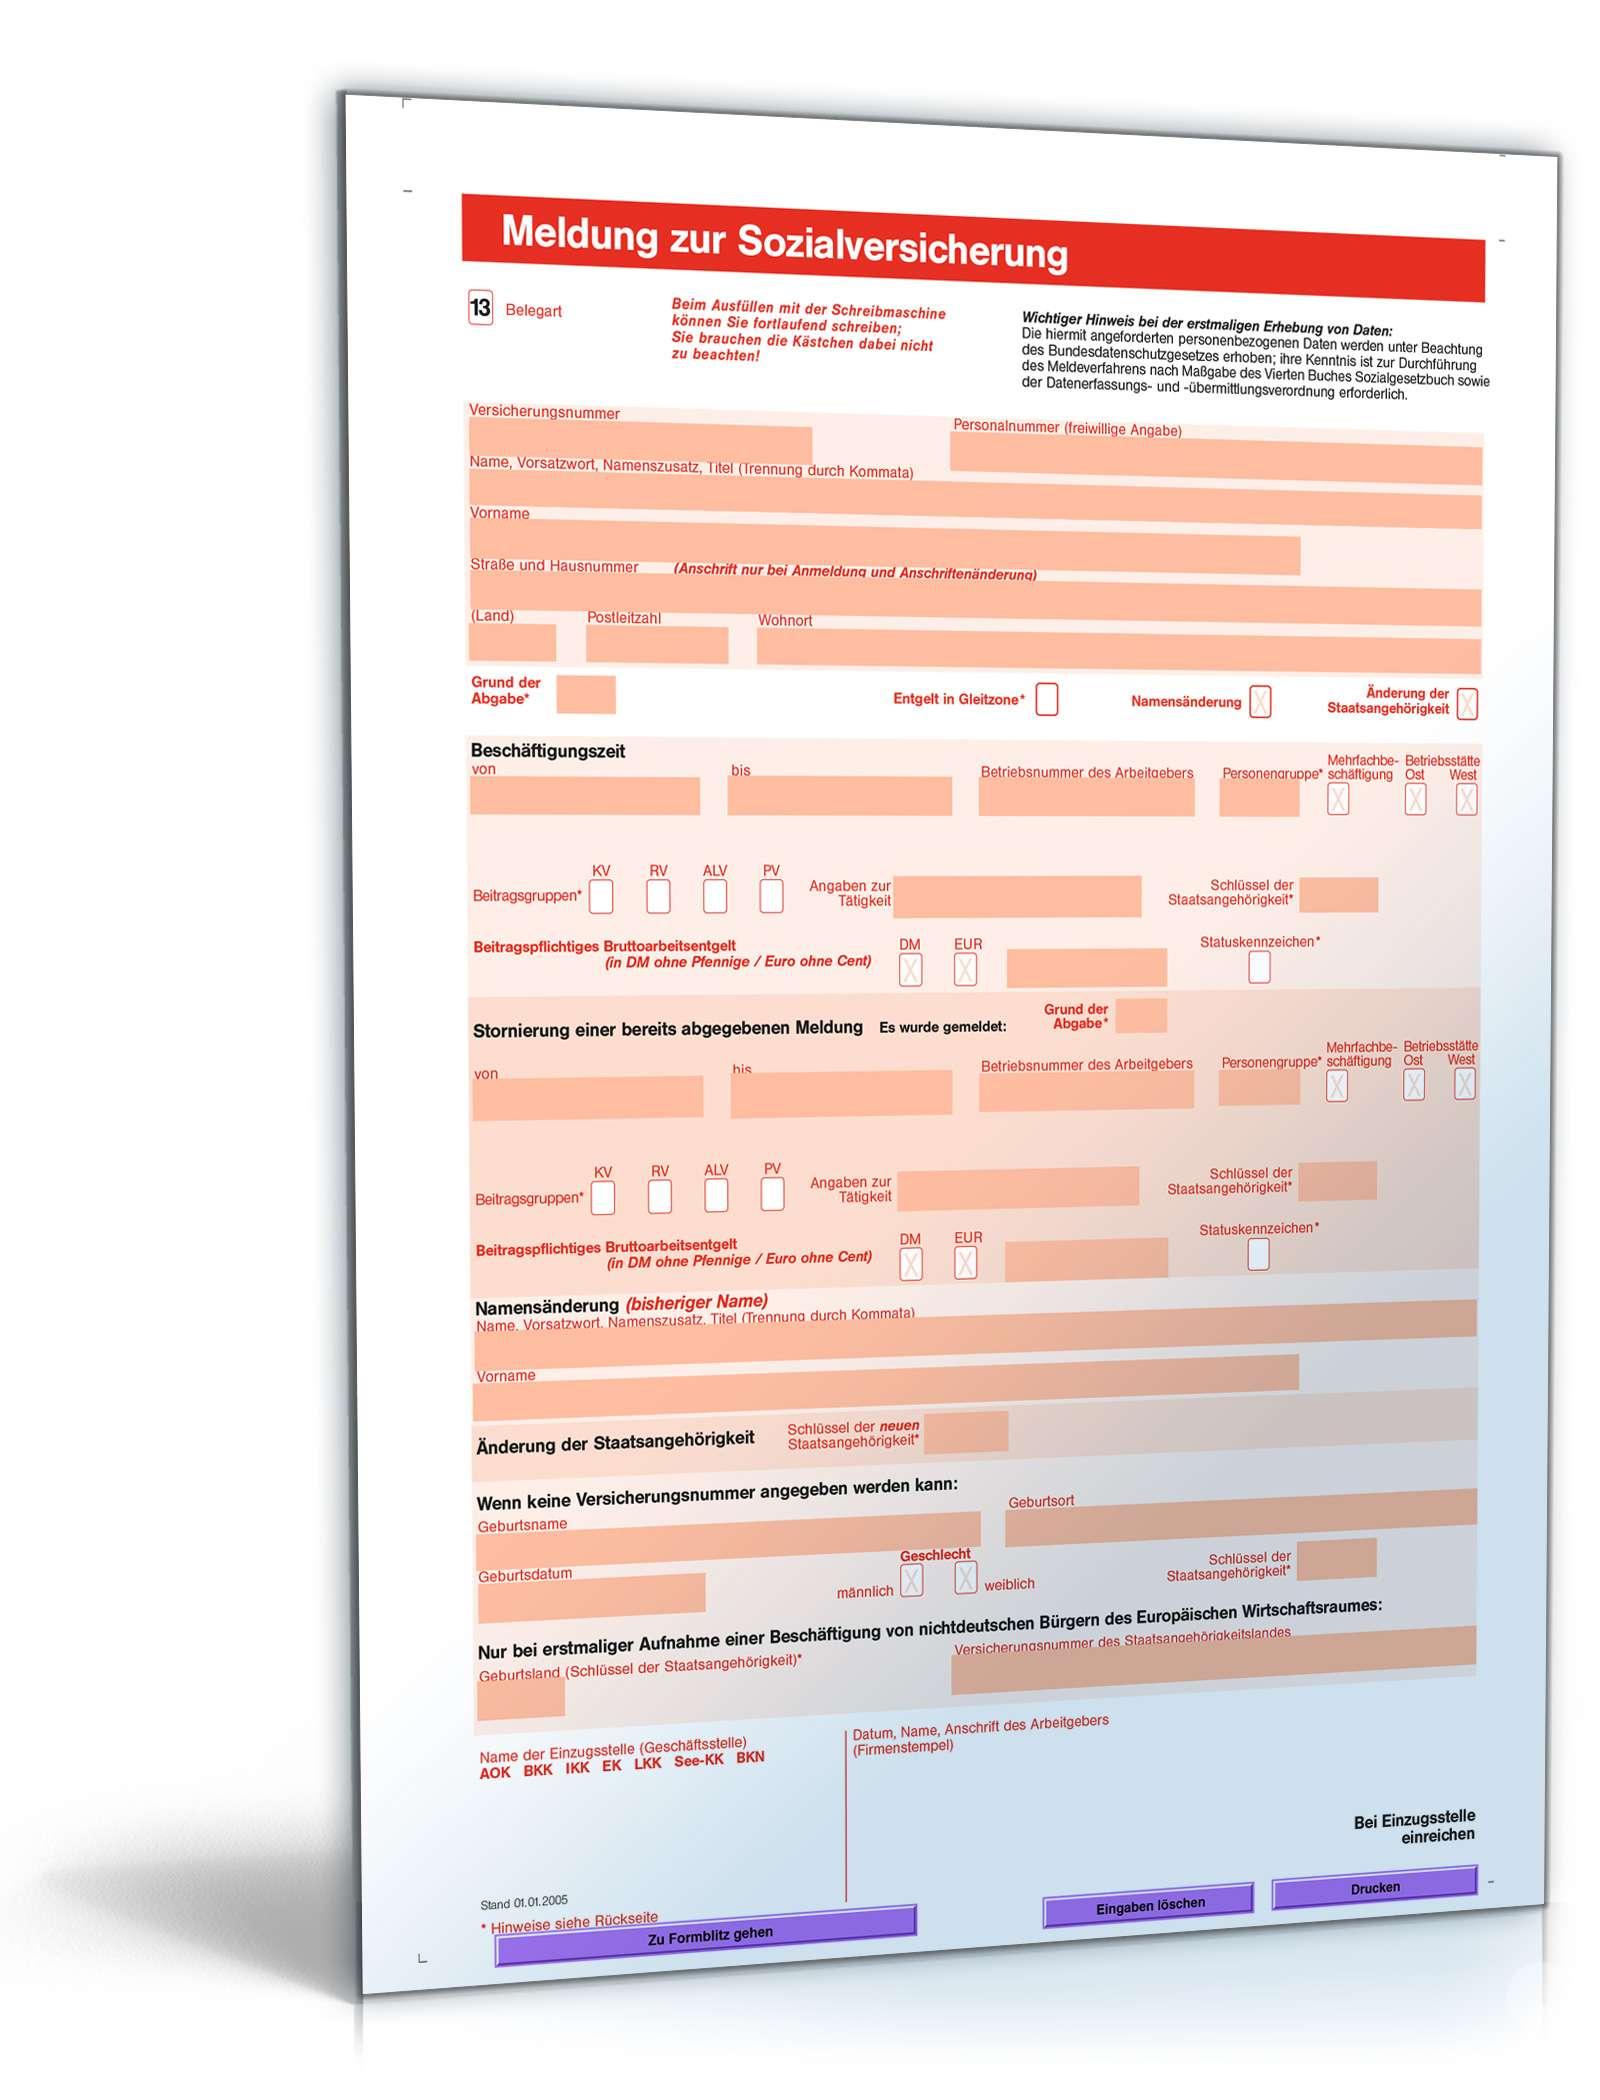 Meldung Zur Sozialversicherung Minijob Formular Zum Download